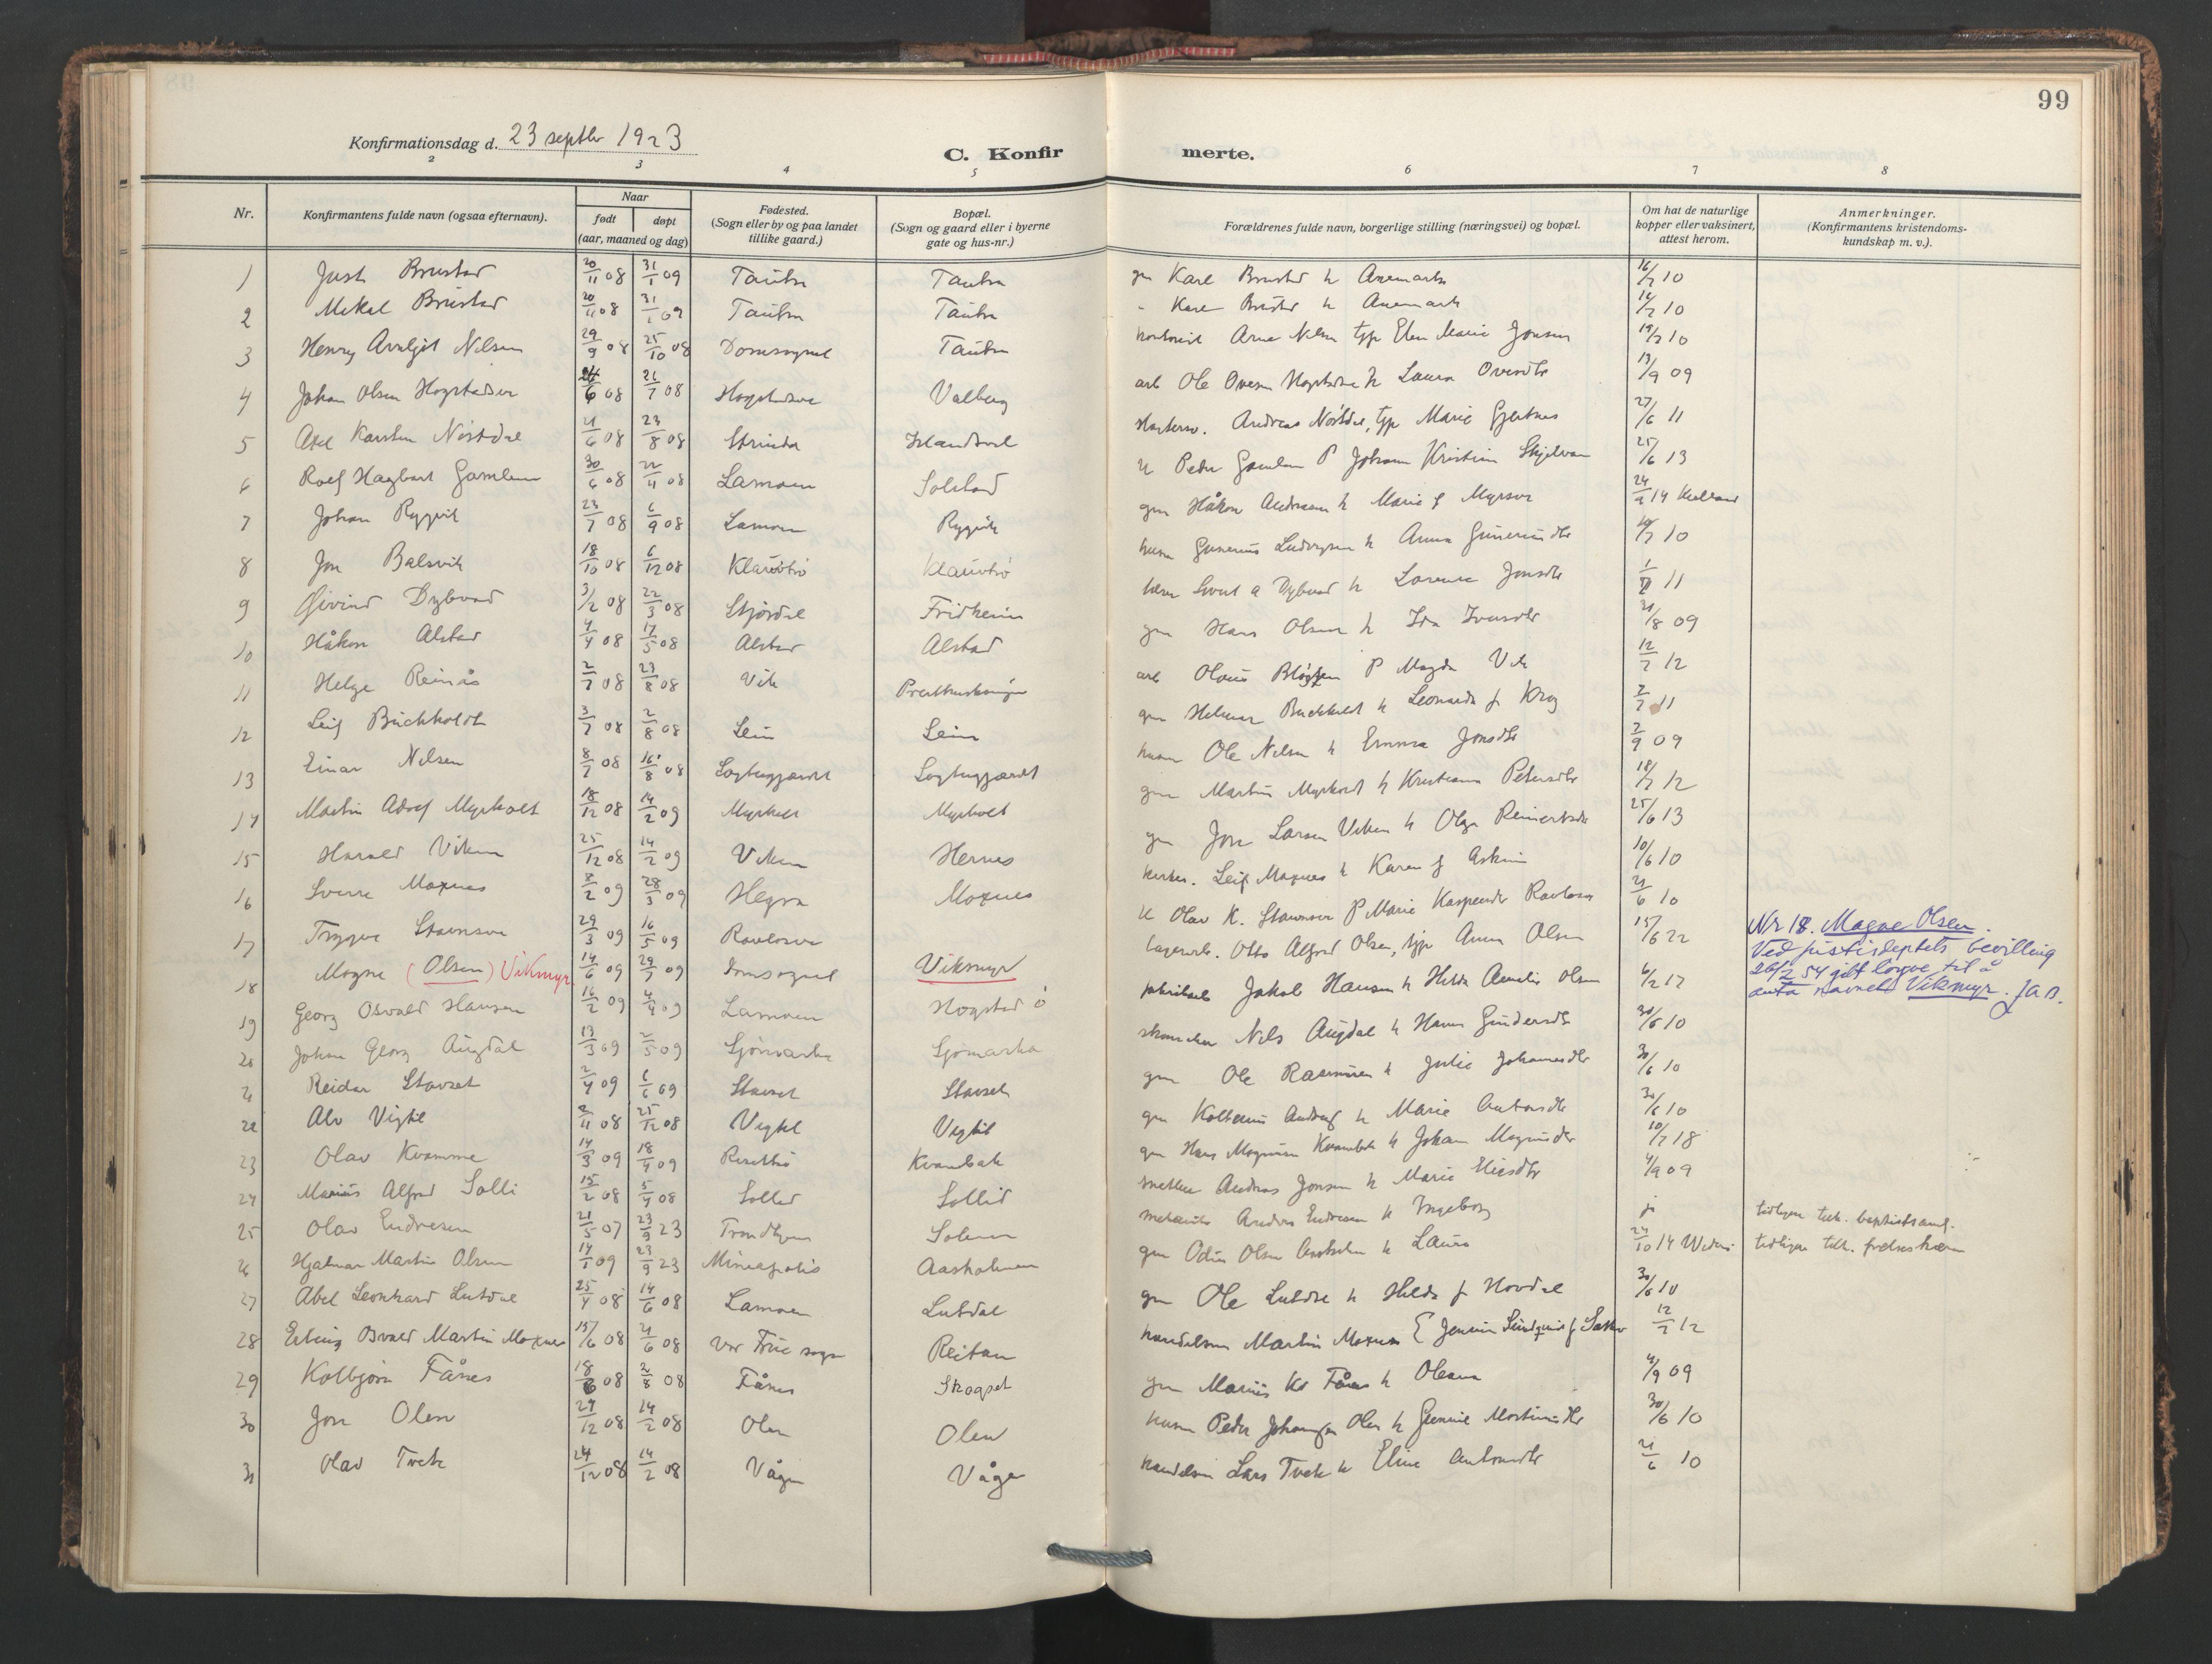 SAT, Ministerialprotokoller, klokkerbøker og fødselsregistre - Nord-Trøndelag, 713/L0123: Ministerialbok nr. 713A12, 1911-1925, s. 99